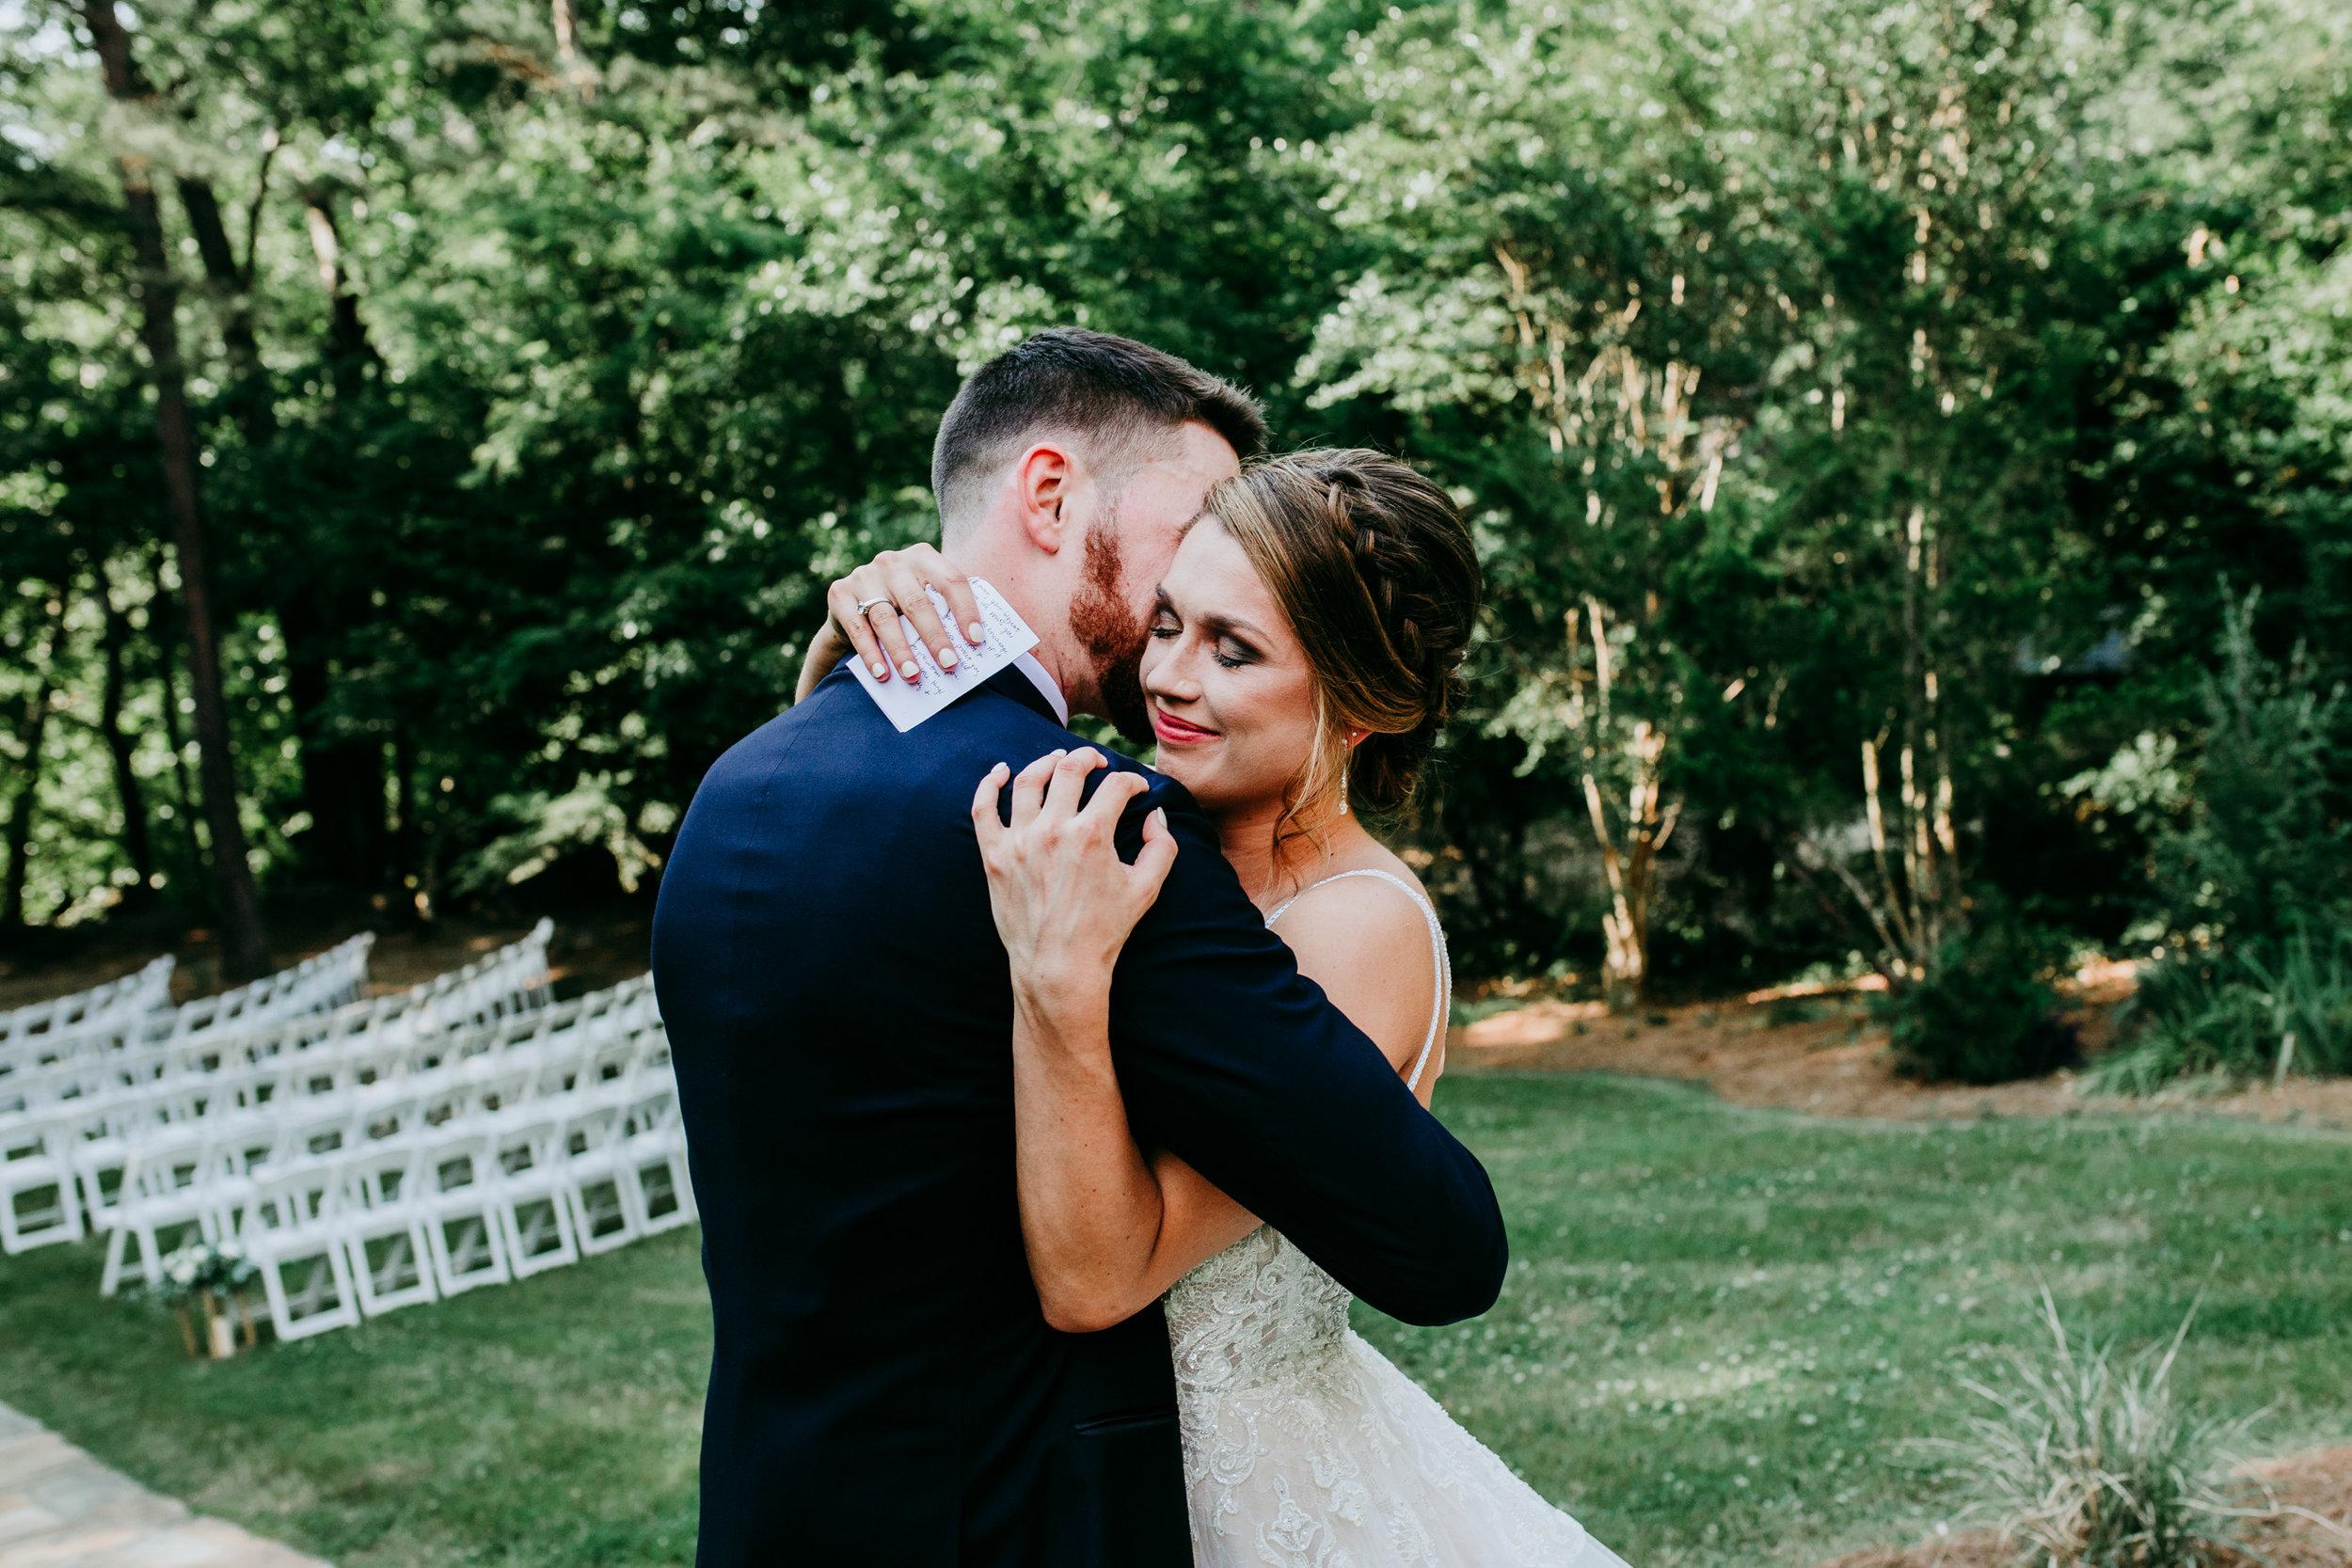 outdoor-wedding-photos.jpg